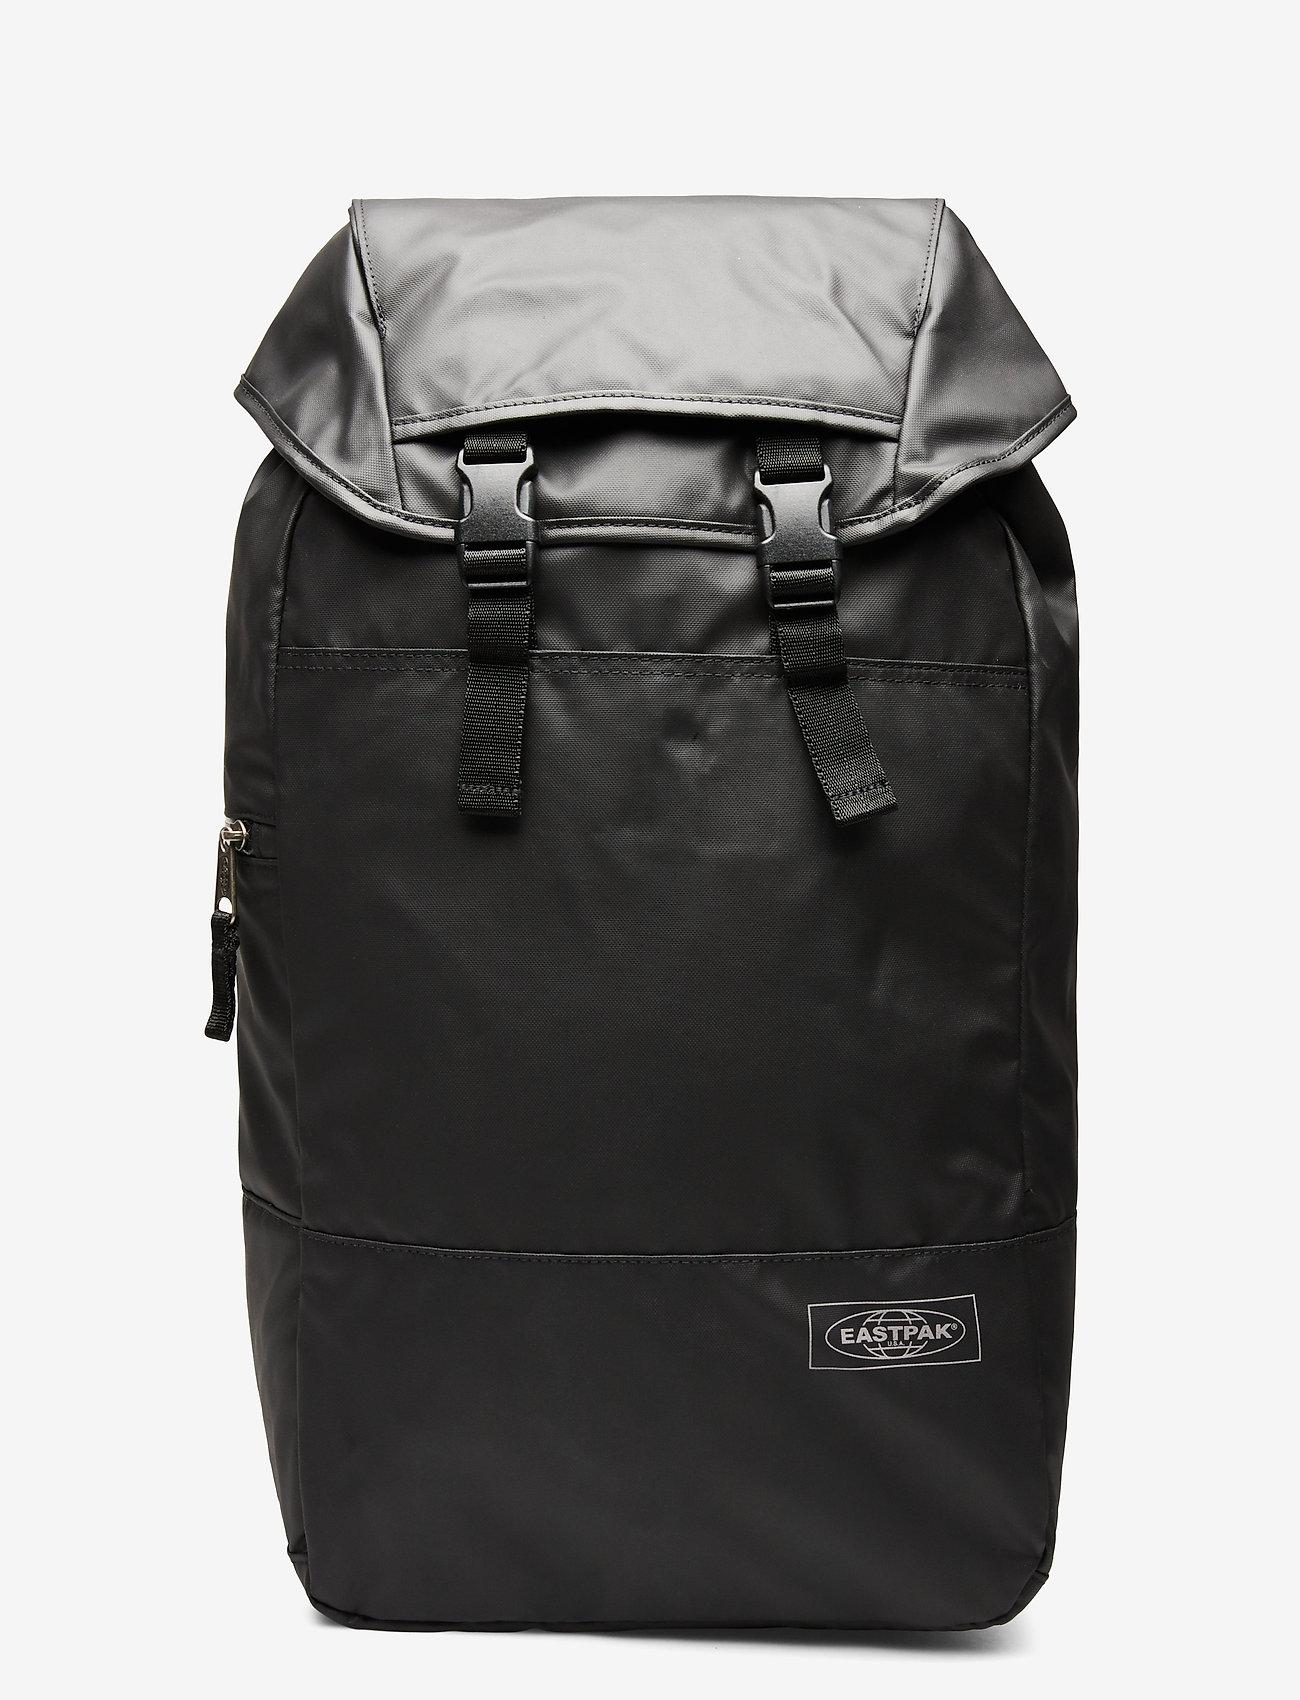 Eastpak Bust XL | Grønn | Vesker | EK48D31U | Caliroots